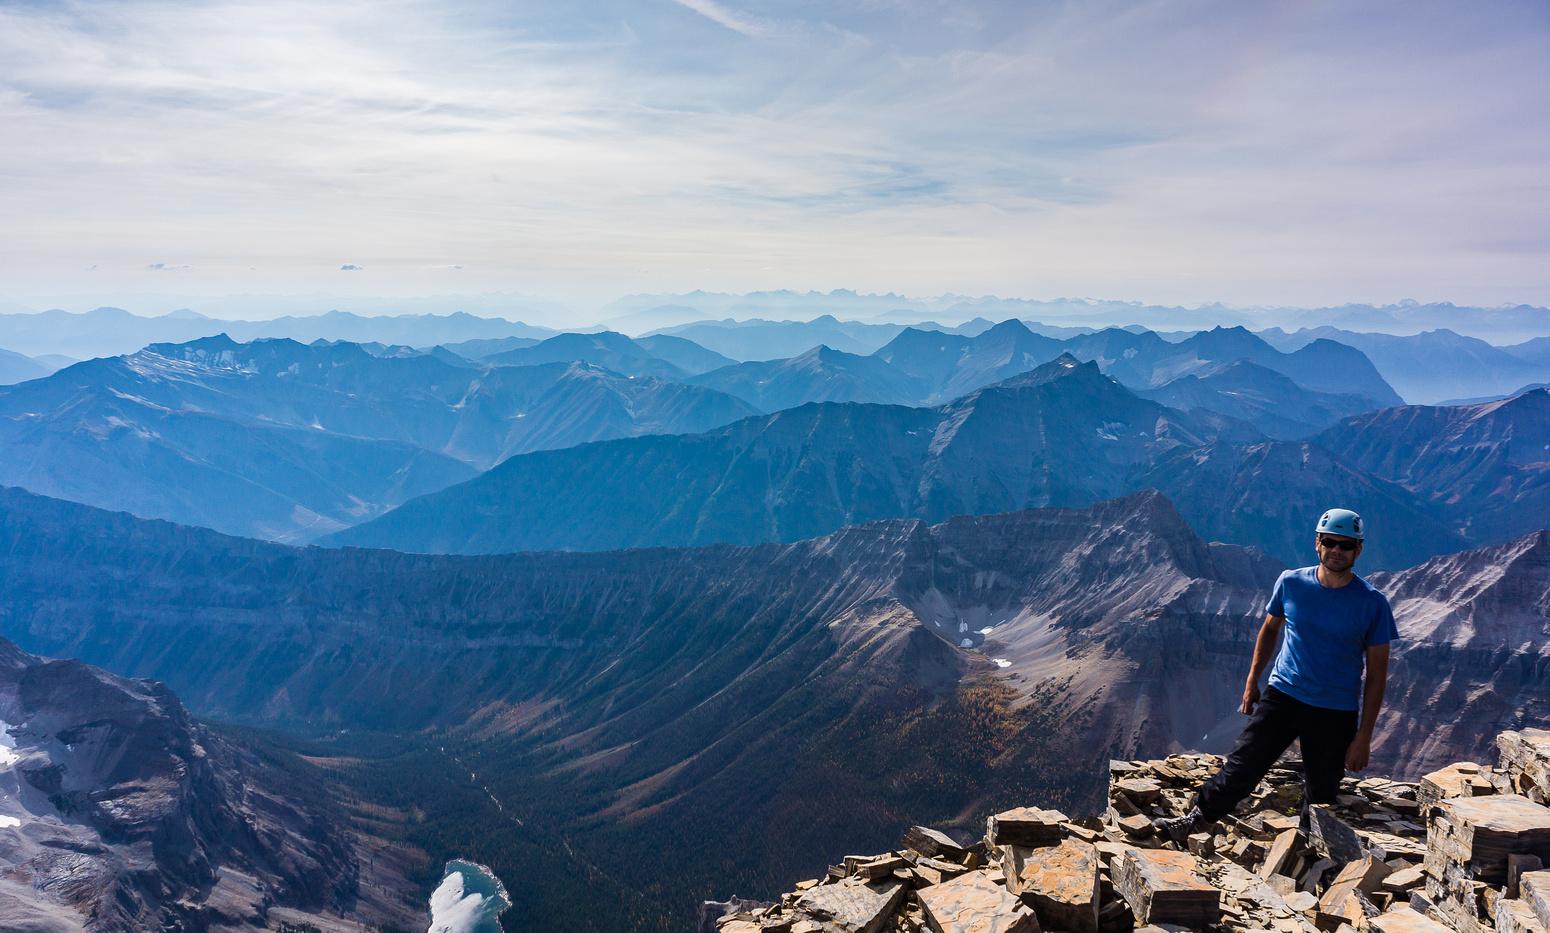 Kev on the summit of Lunette Peak.